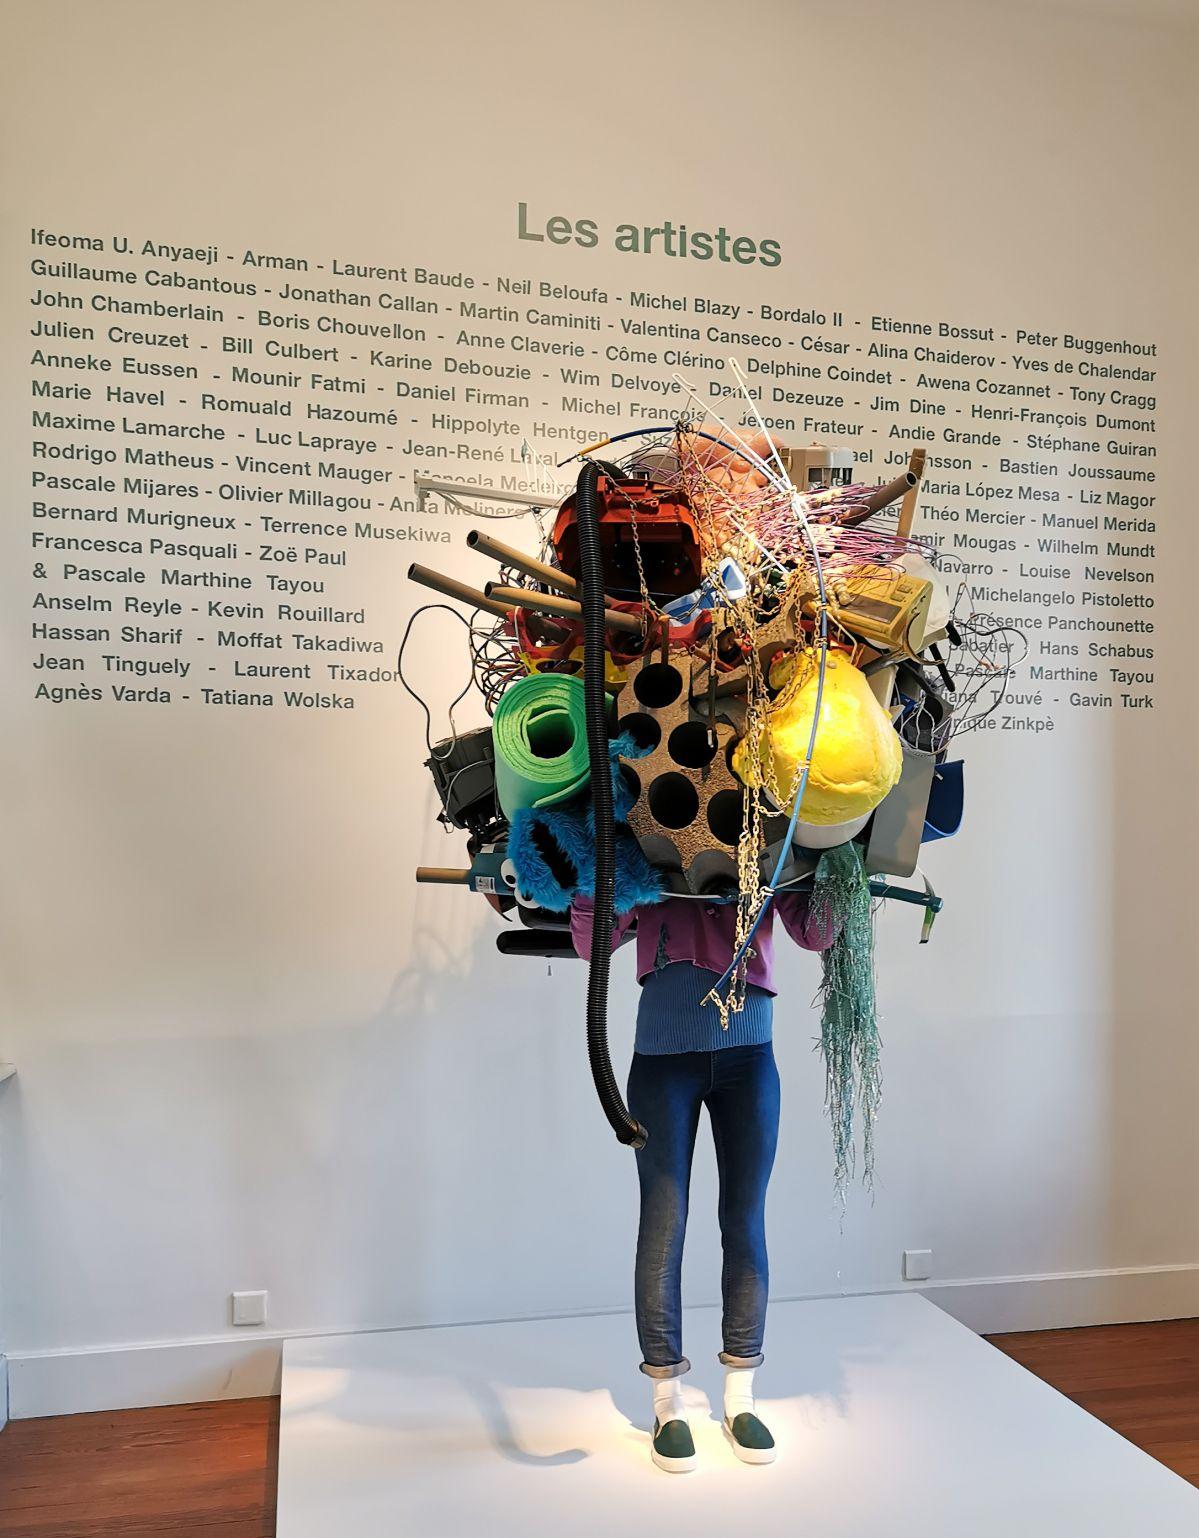 Daniel Firman, RaW, 2018 - Recyclage-Surcyclage à la Villa Datris - La tête dans les déchets